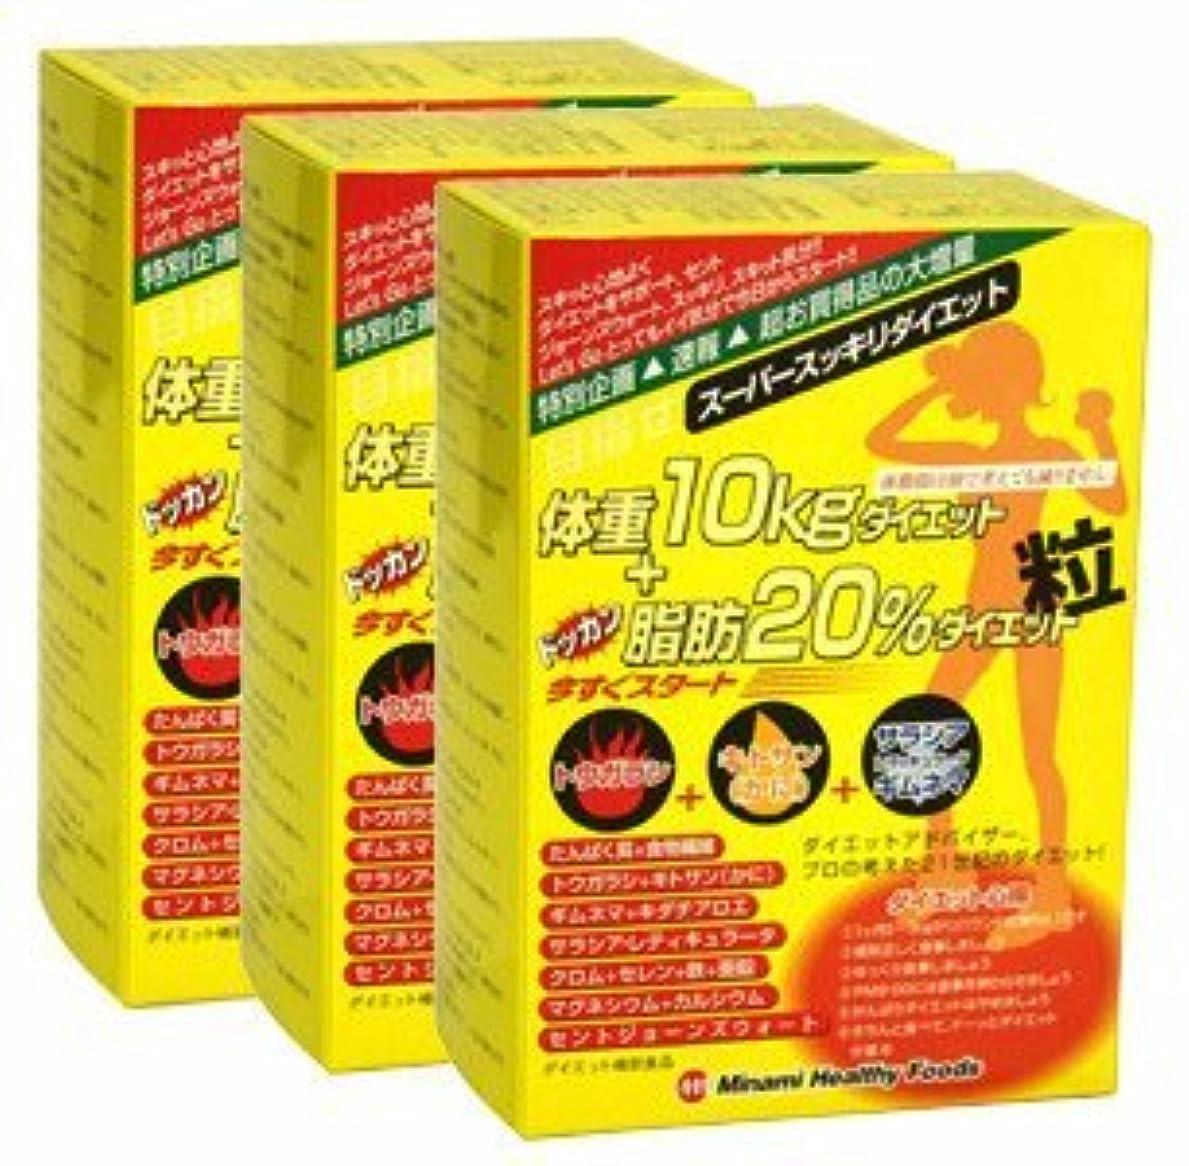 囲むジャンクしなければならない目指せ体重10kg+ドッカン脂肪20%ダイエット粒【3箱セット】ミナミヘルシーフーズ